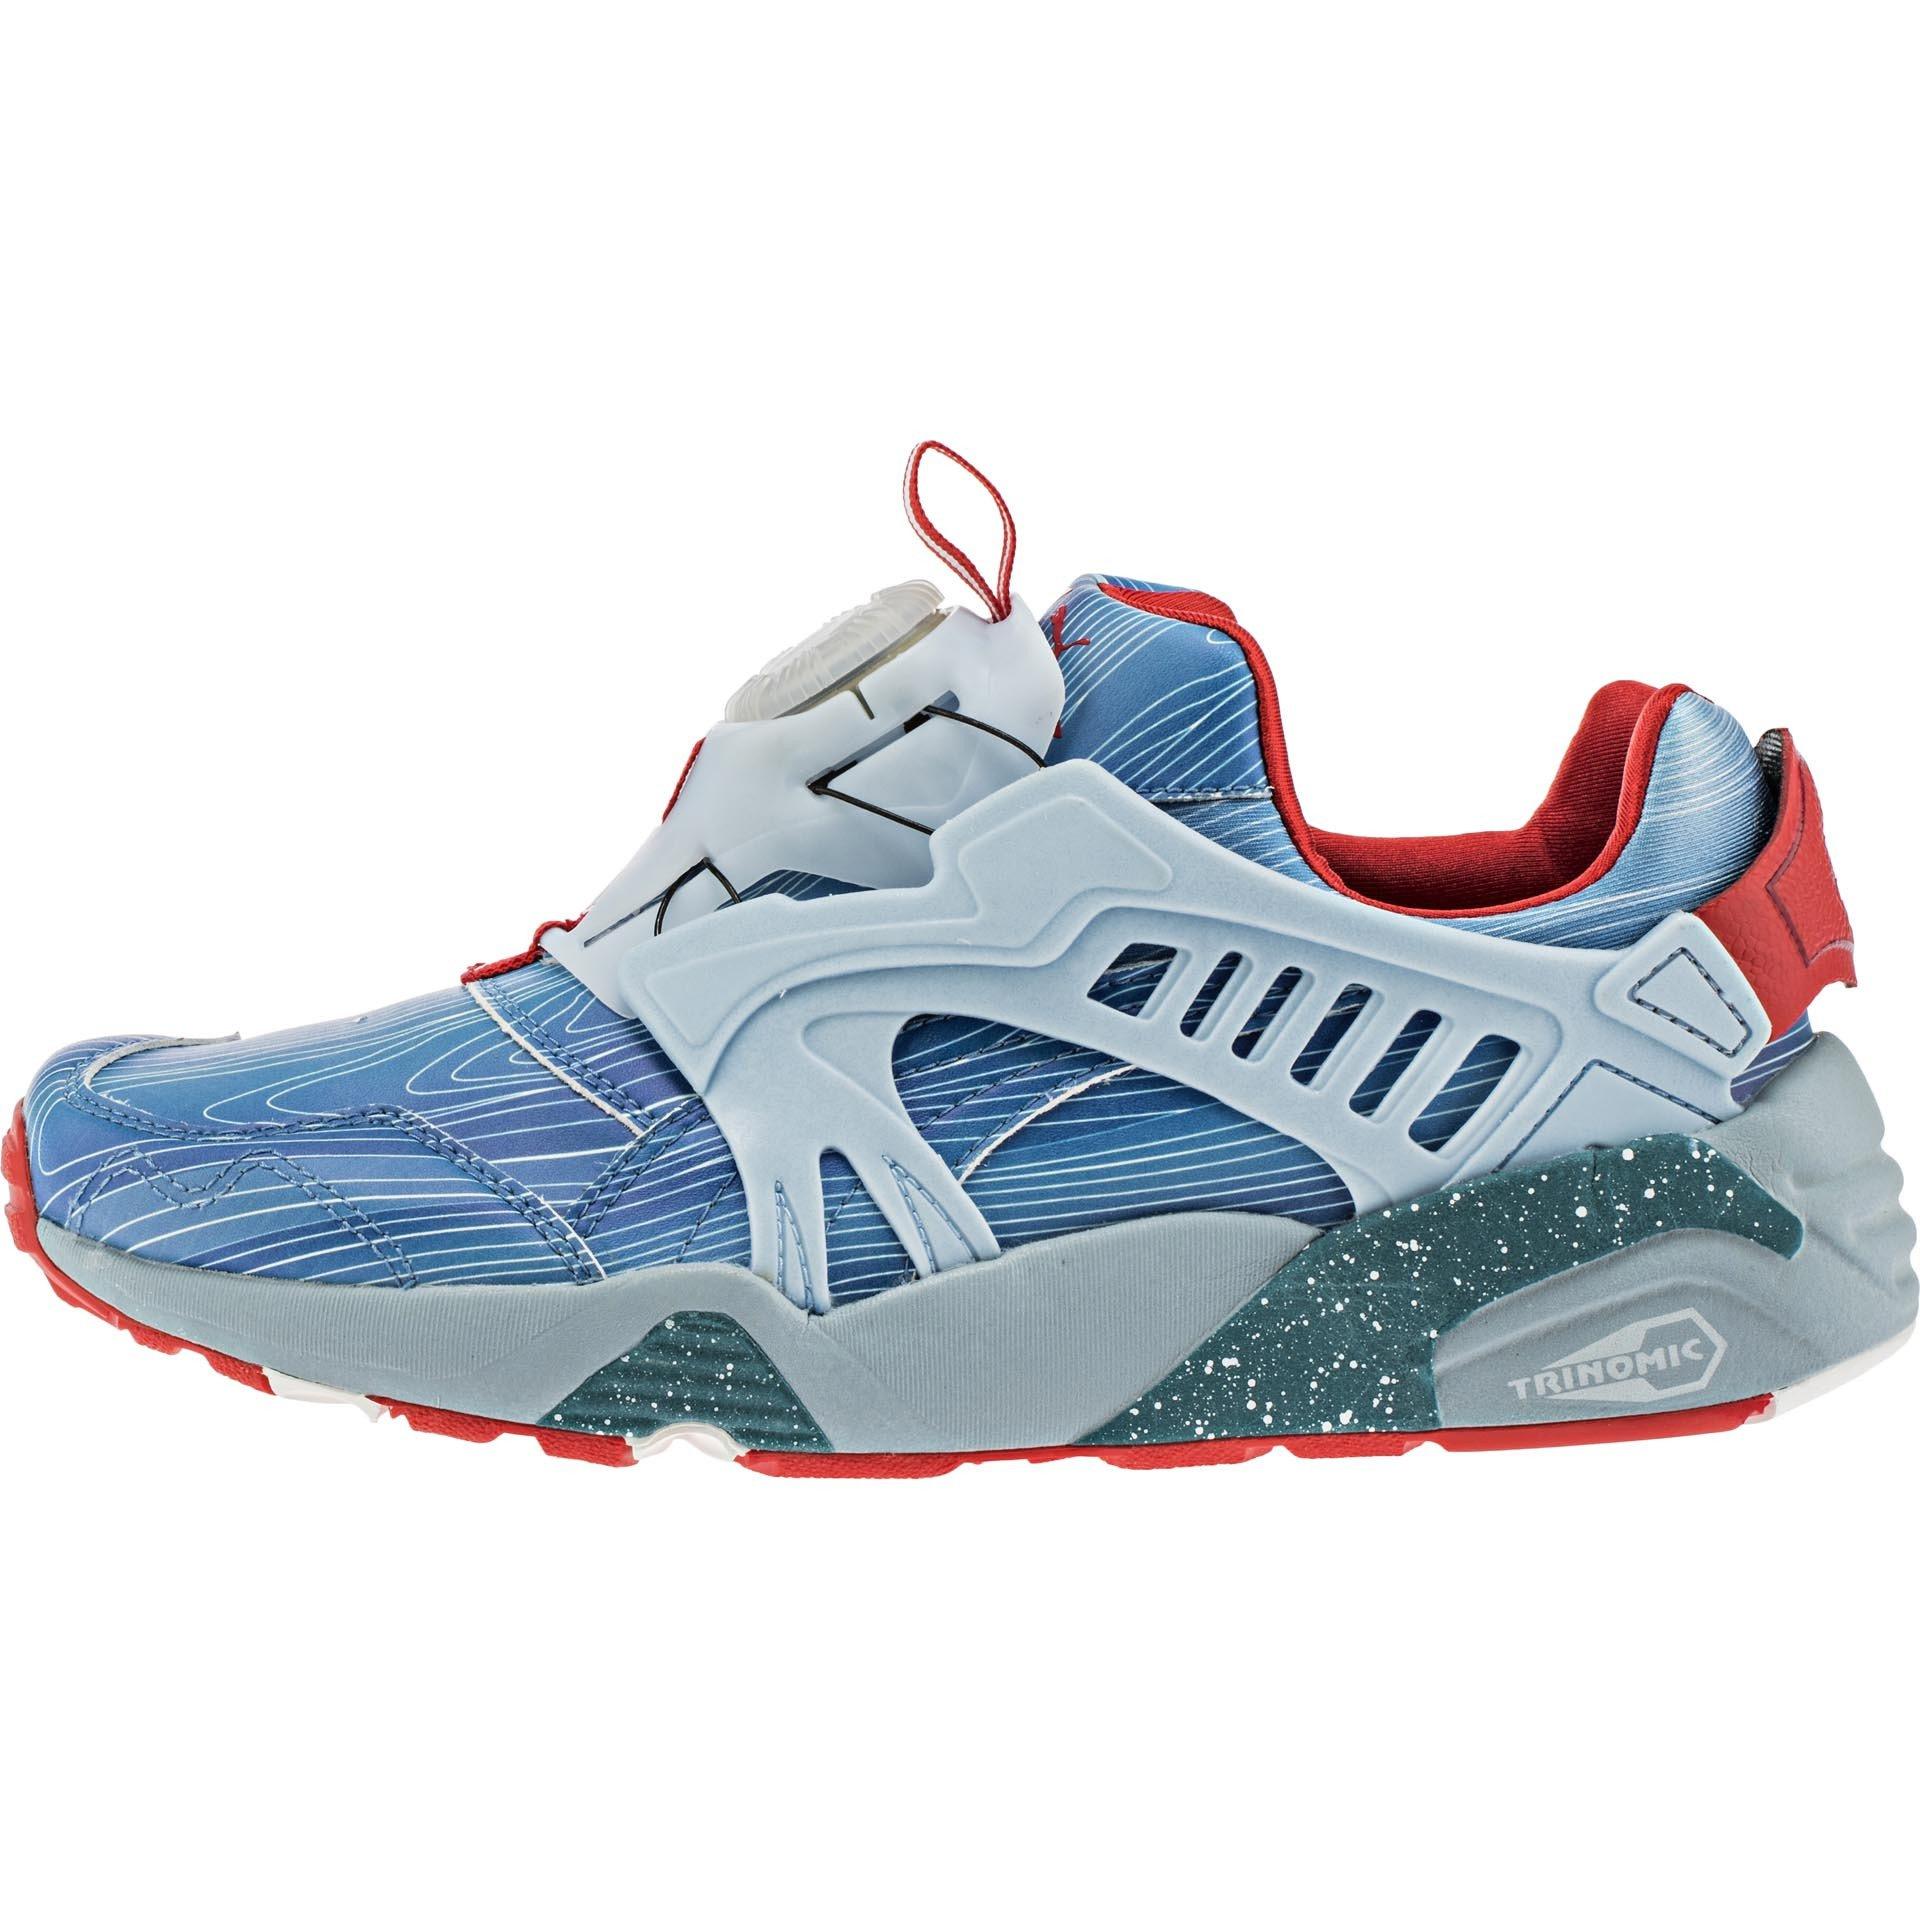 Drawn shoe puma Mens Blaze x Shoe Puma